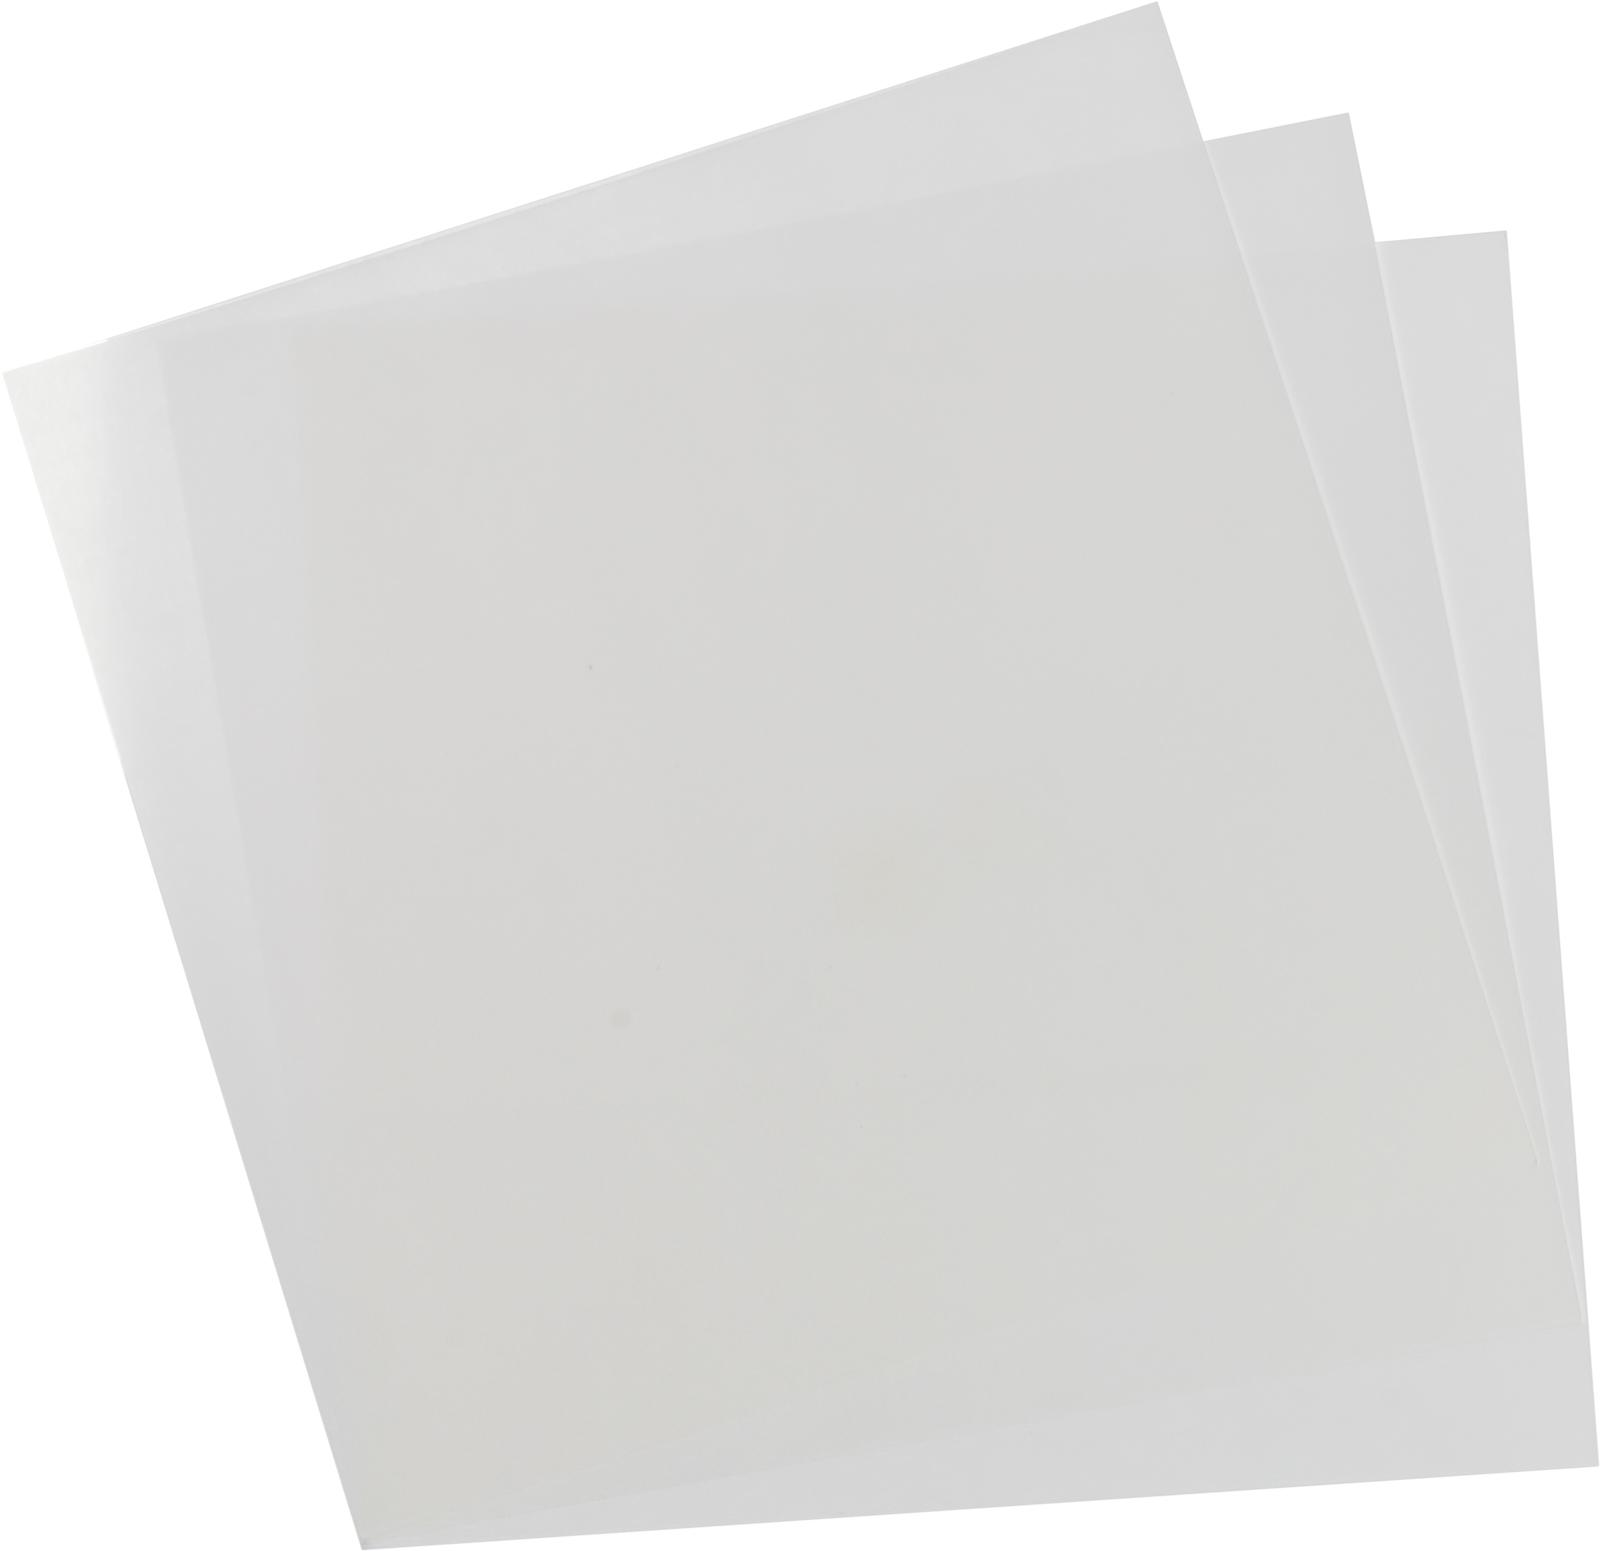 Chromatographie-Papier MN 260, 7,5x17 cm